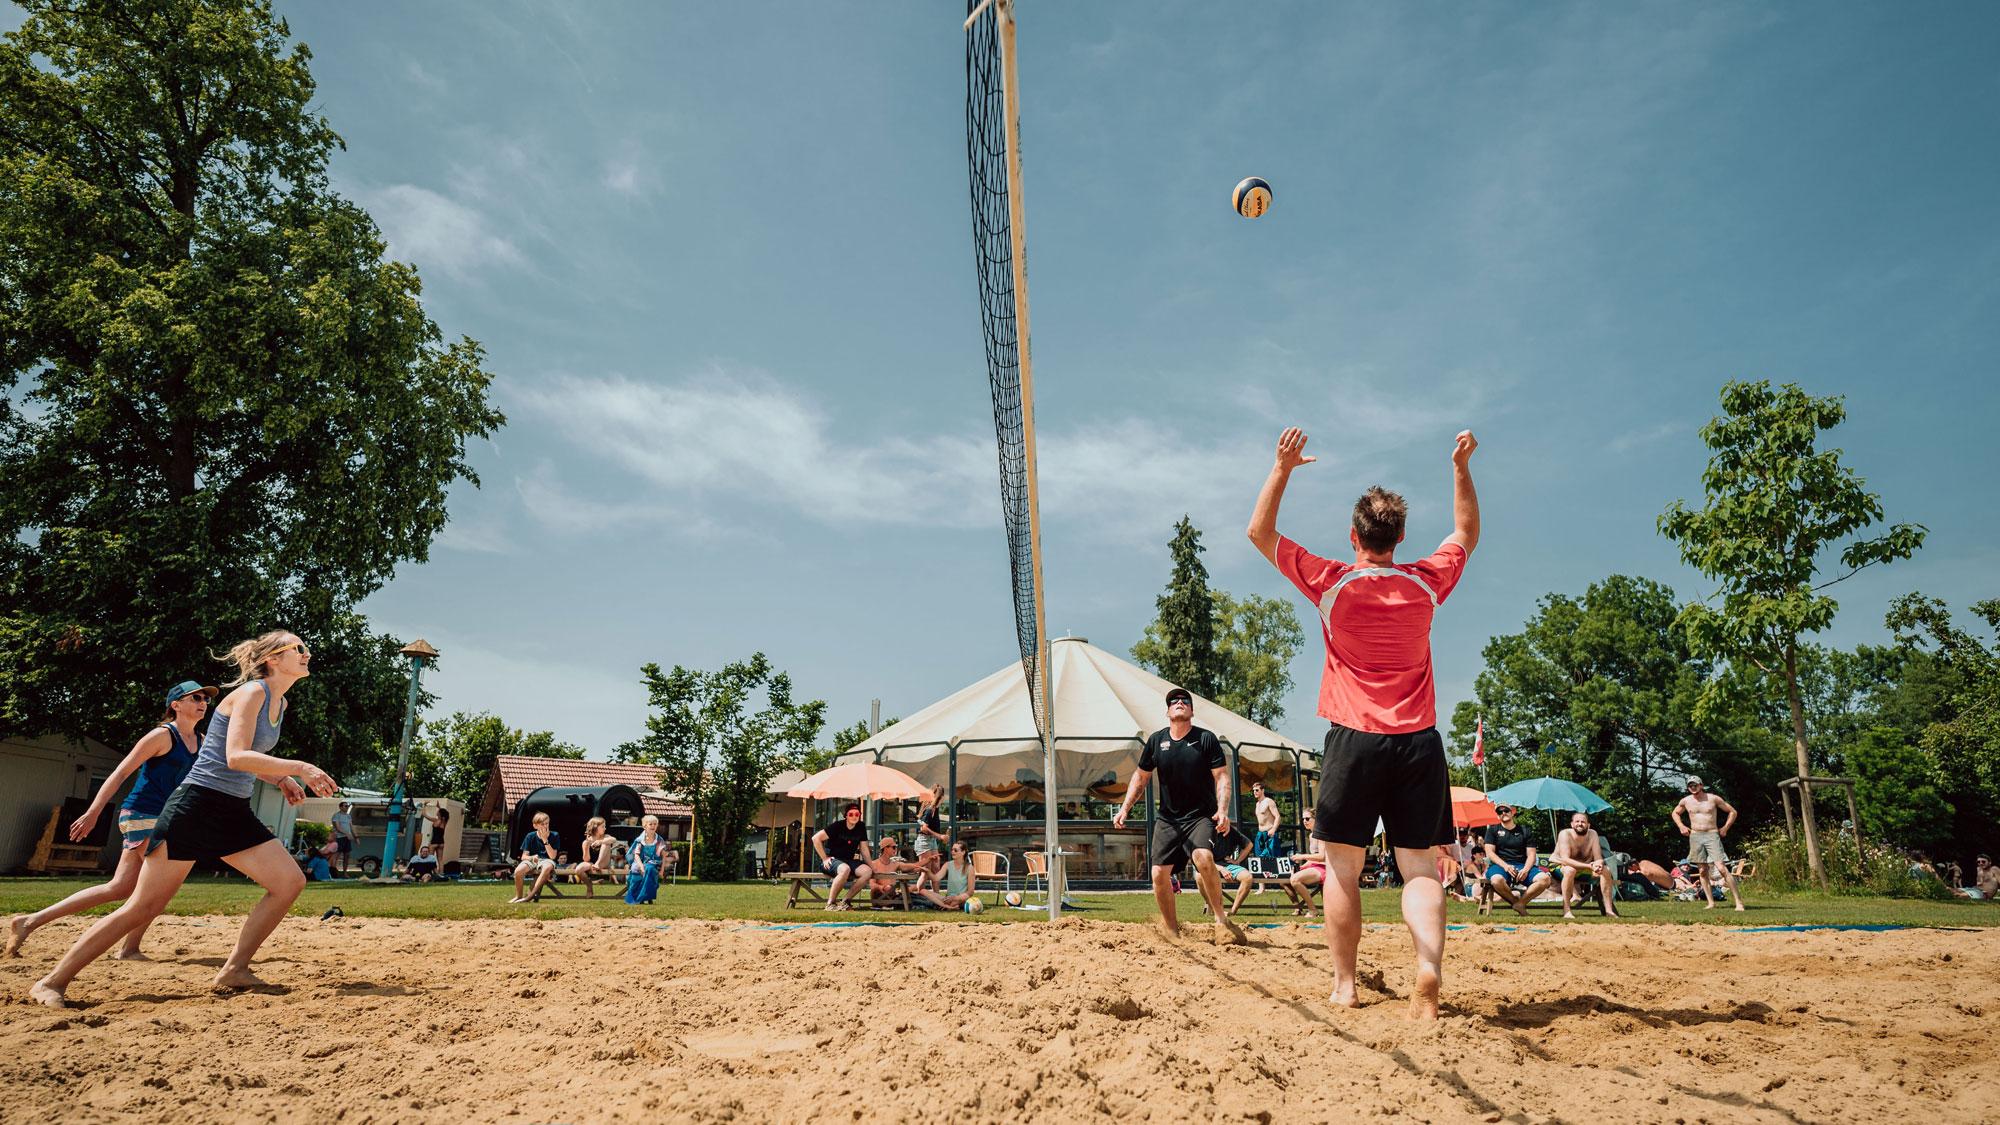 Sport_Beachvolleyball_Lieni_Park